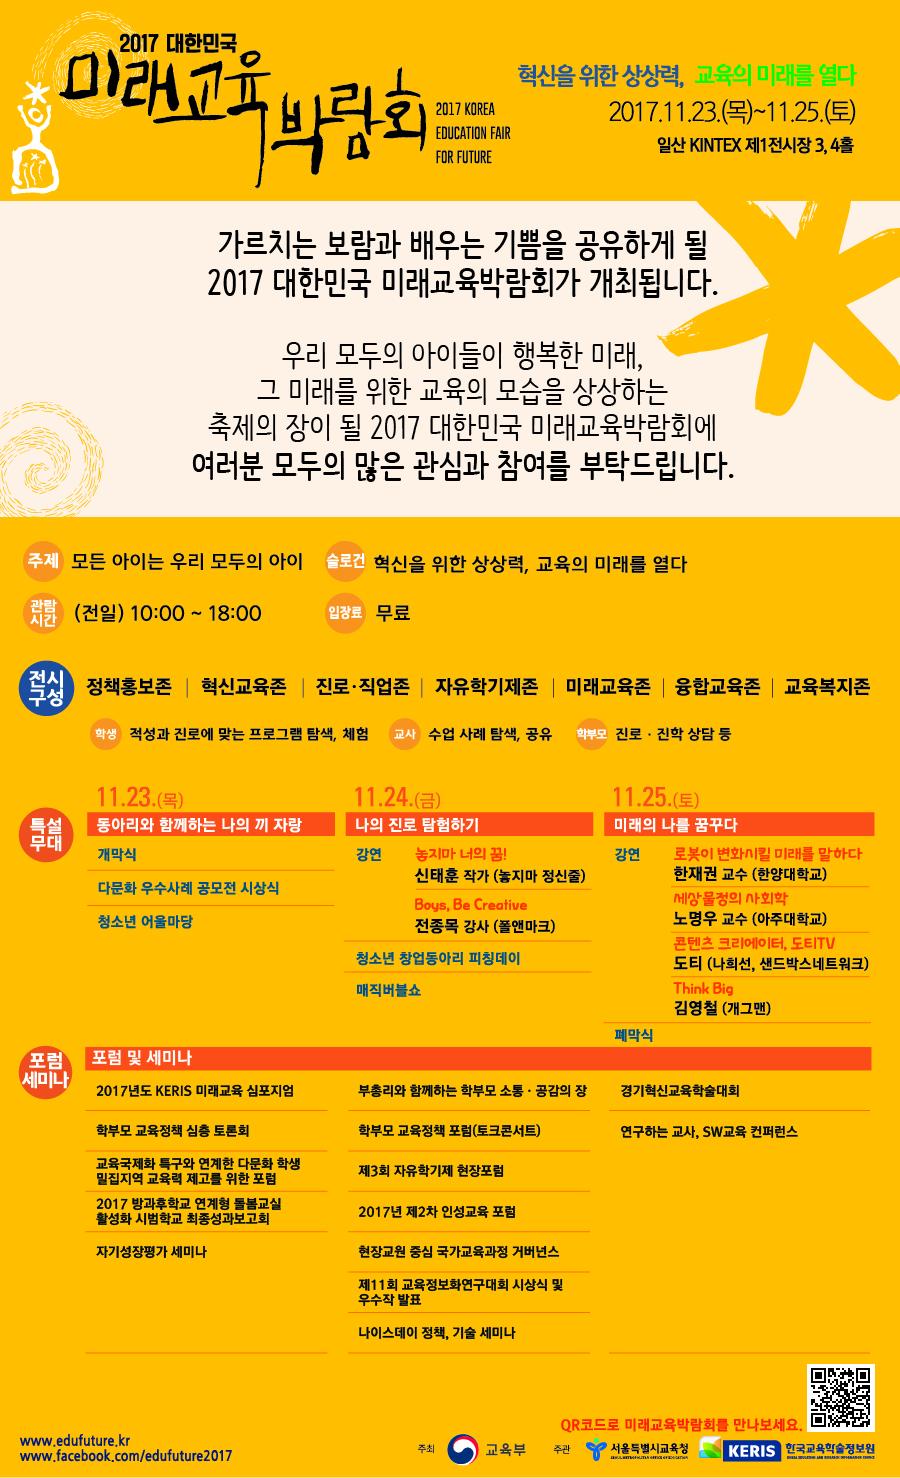 2017 대한민국 미래교육박람회